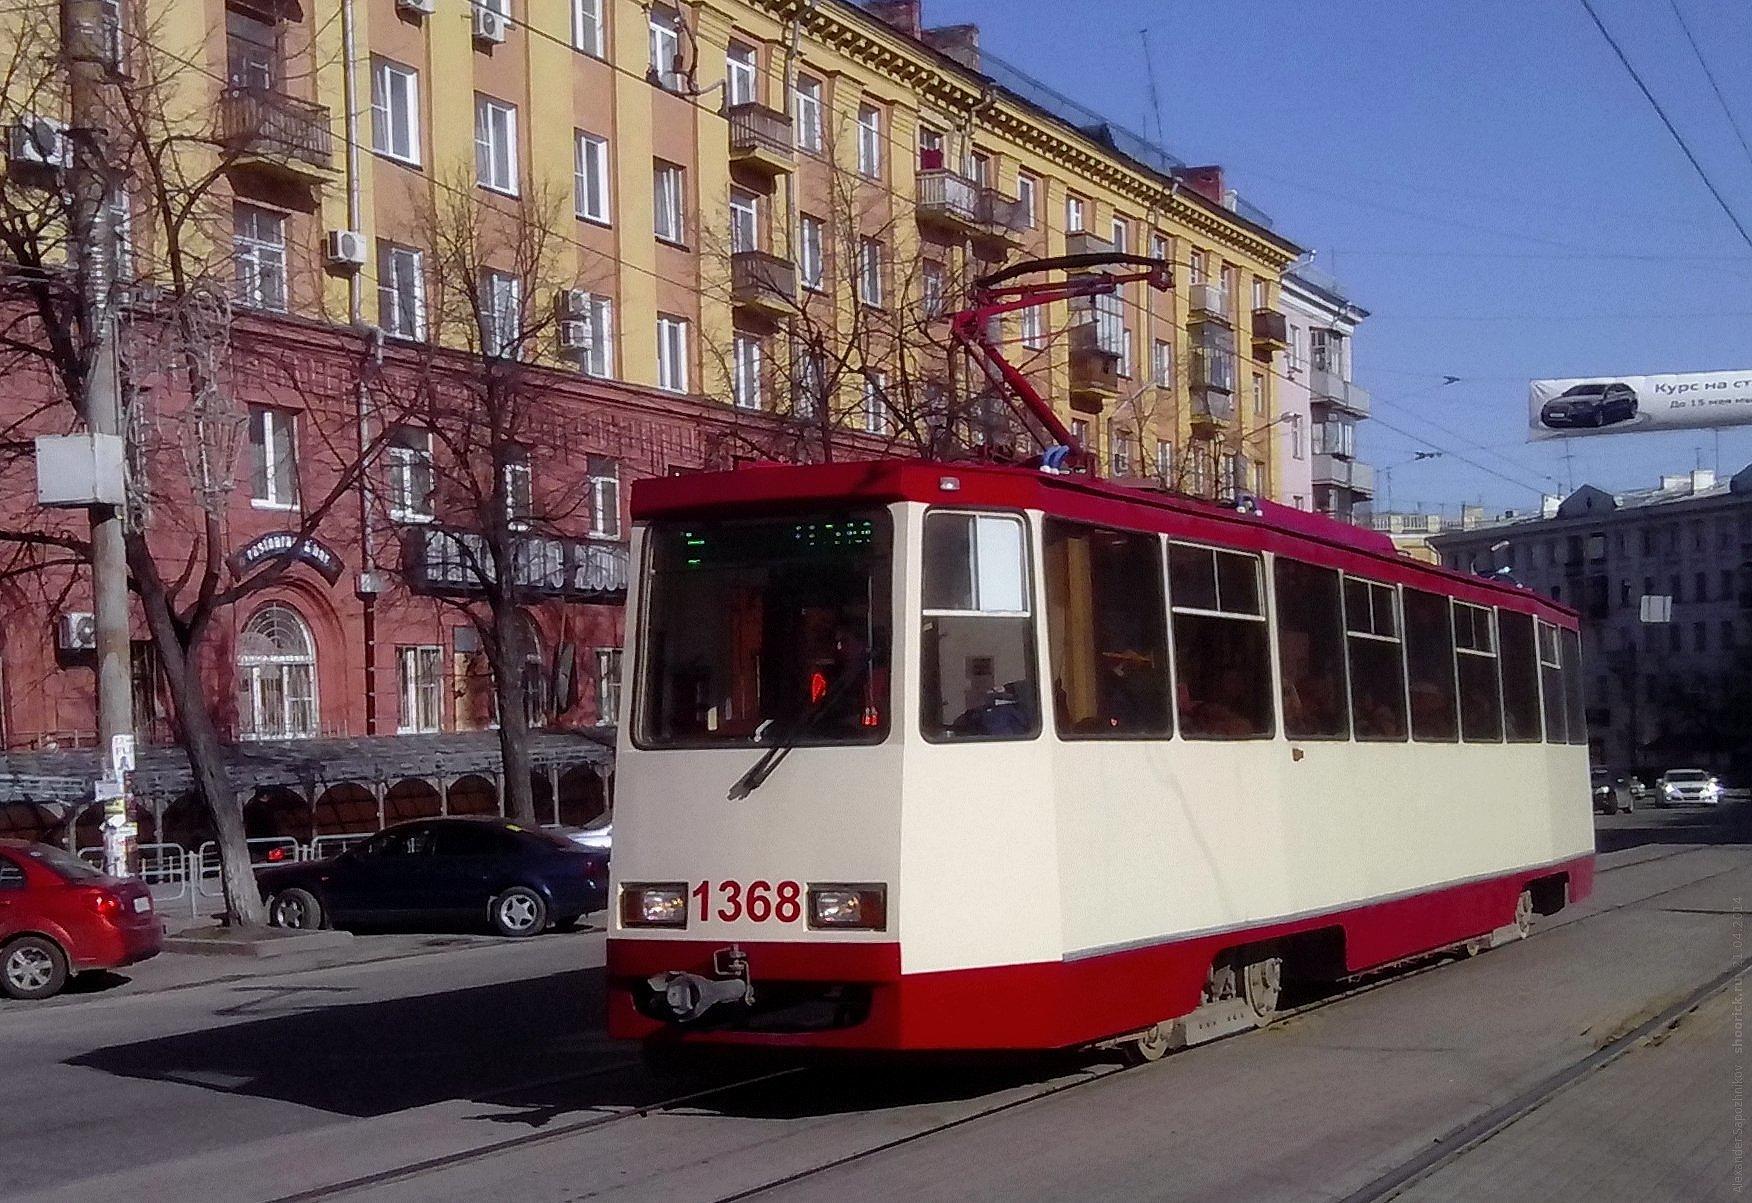 File:Chelyabinsk tram modernized 71-605 number 1368 left.jpg